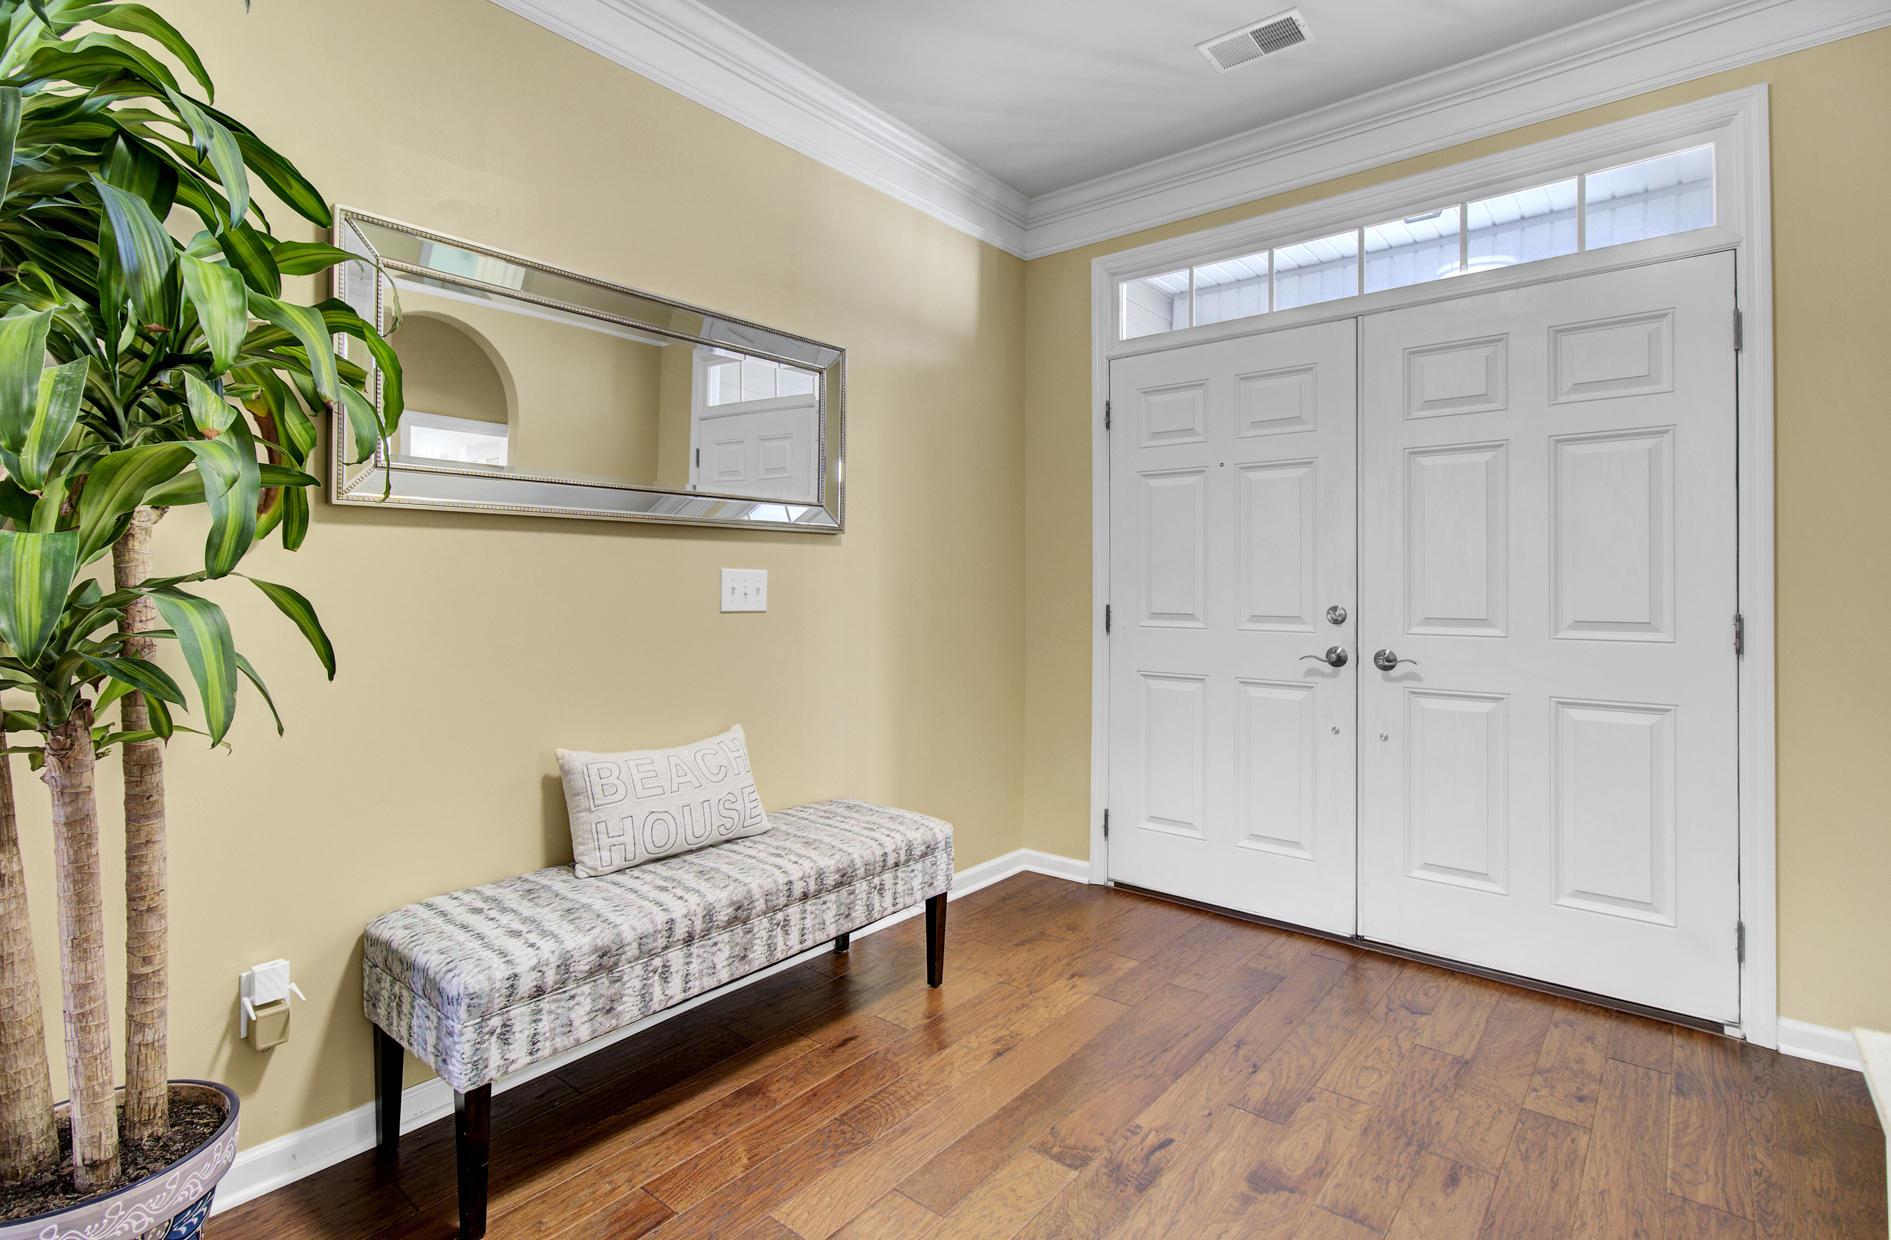 Park West Homes For Sale - 1497 Endicot, Mount Pleasant, SC - 33